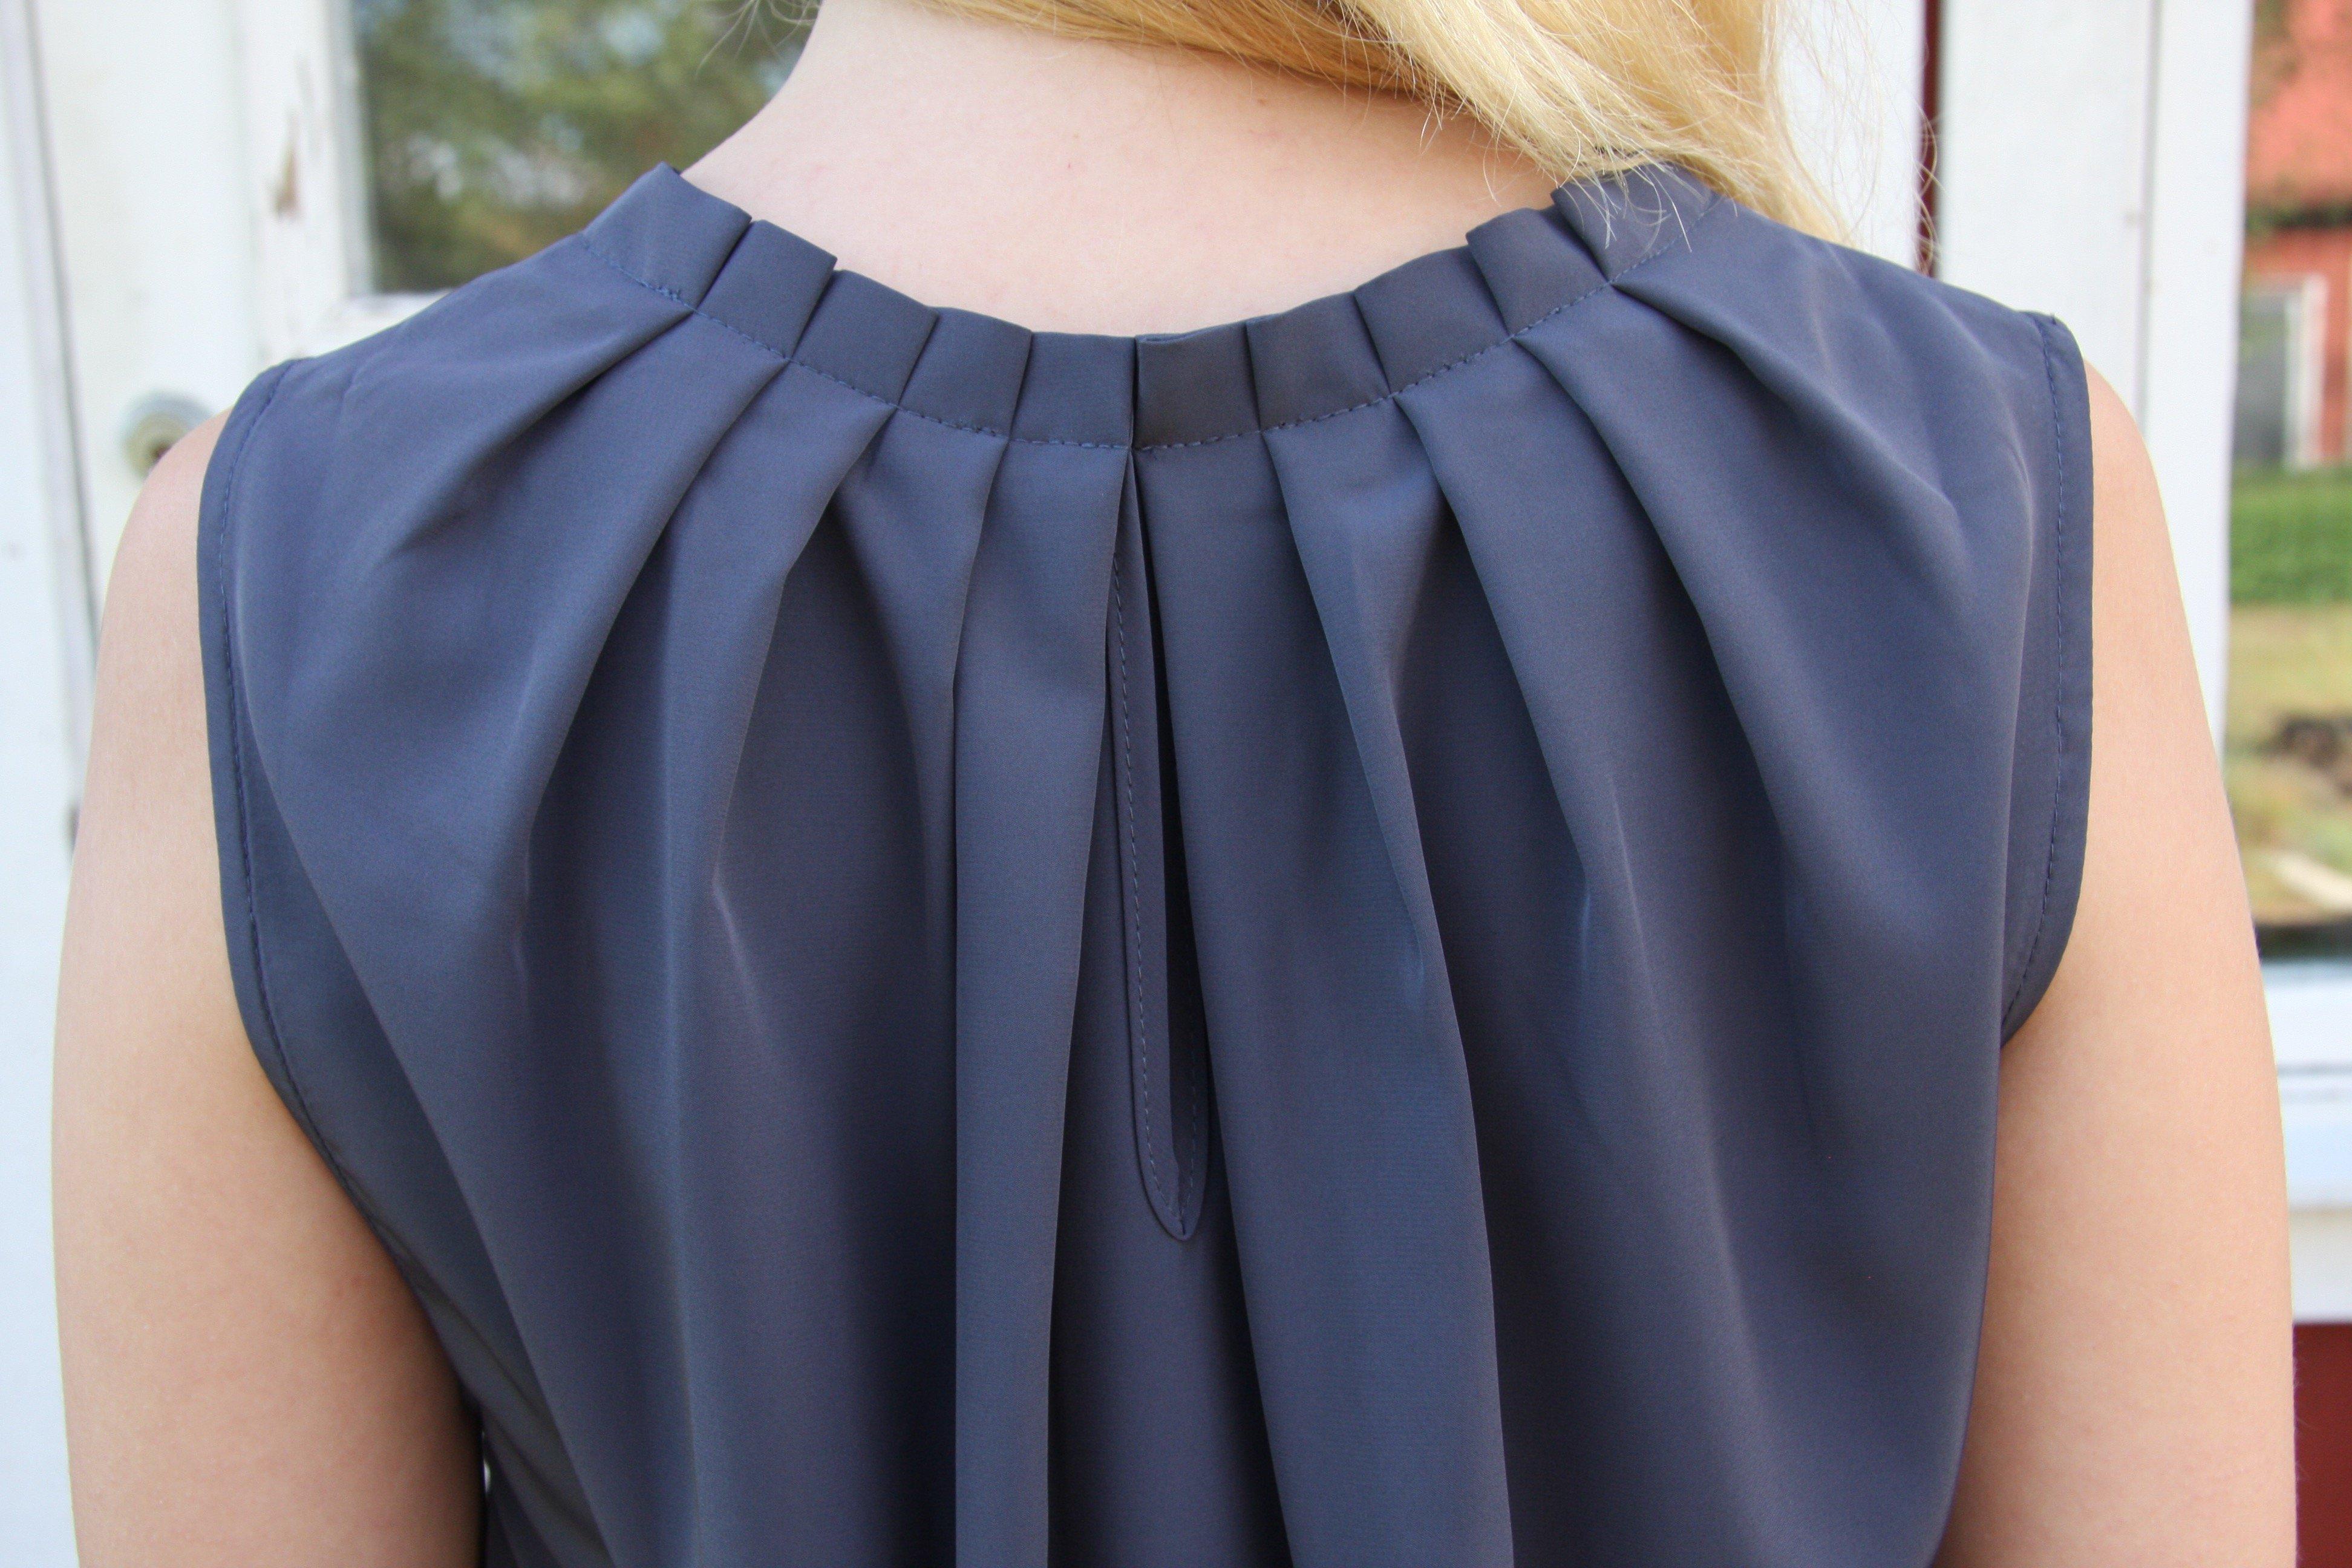 Blus/topp Pauline gråblå med vacker plisserad krage. Bild på krage bakifrån.